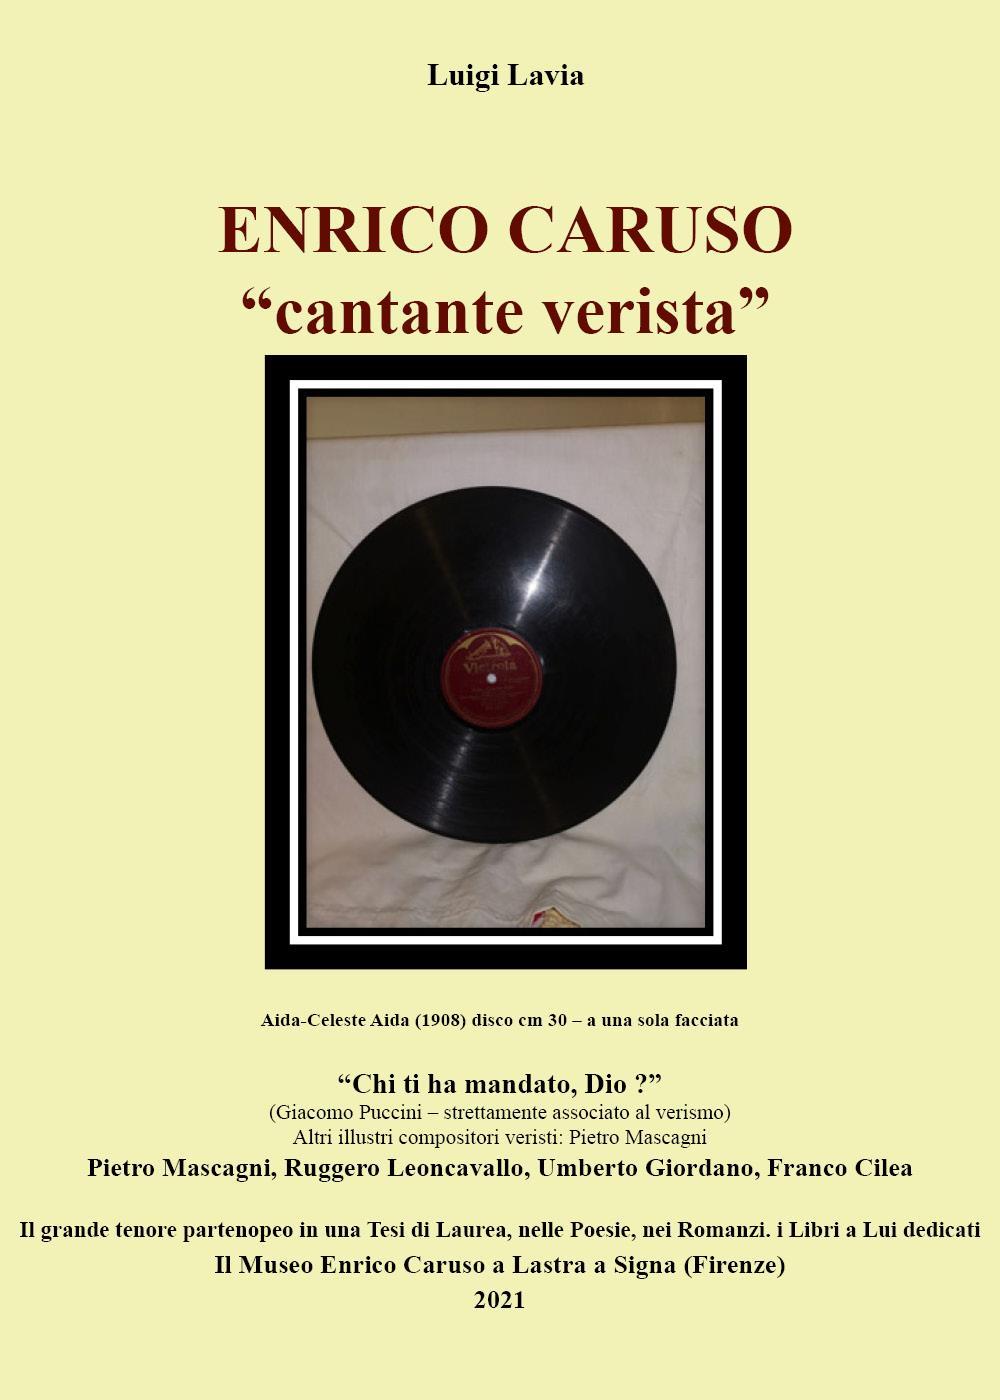 Enrico Caruso - Cantante verista